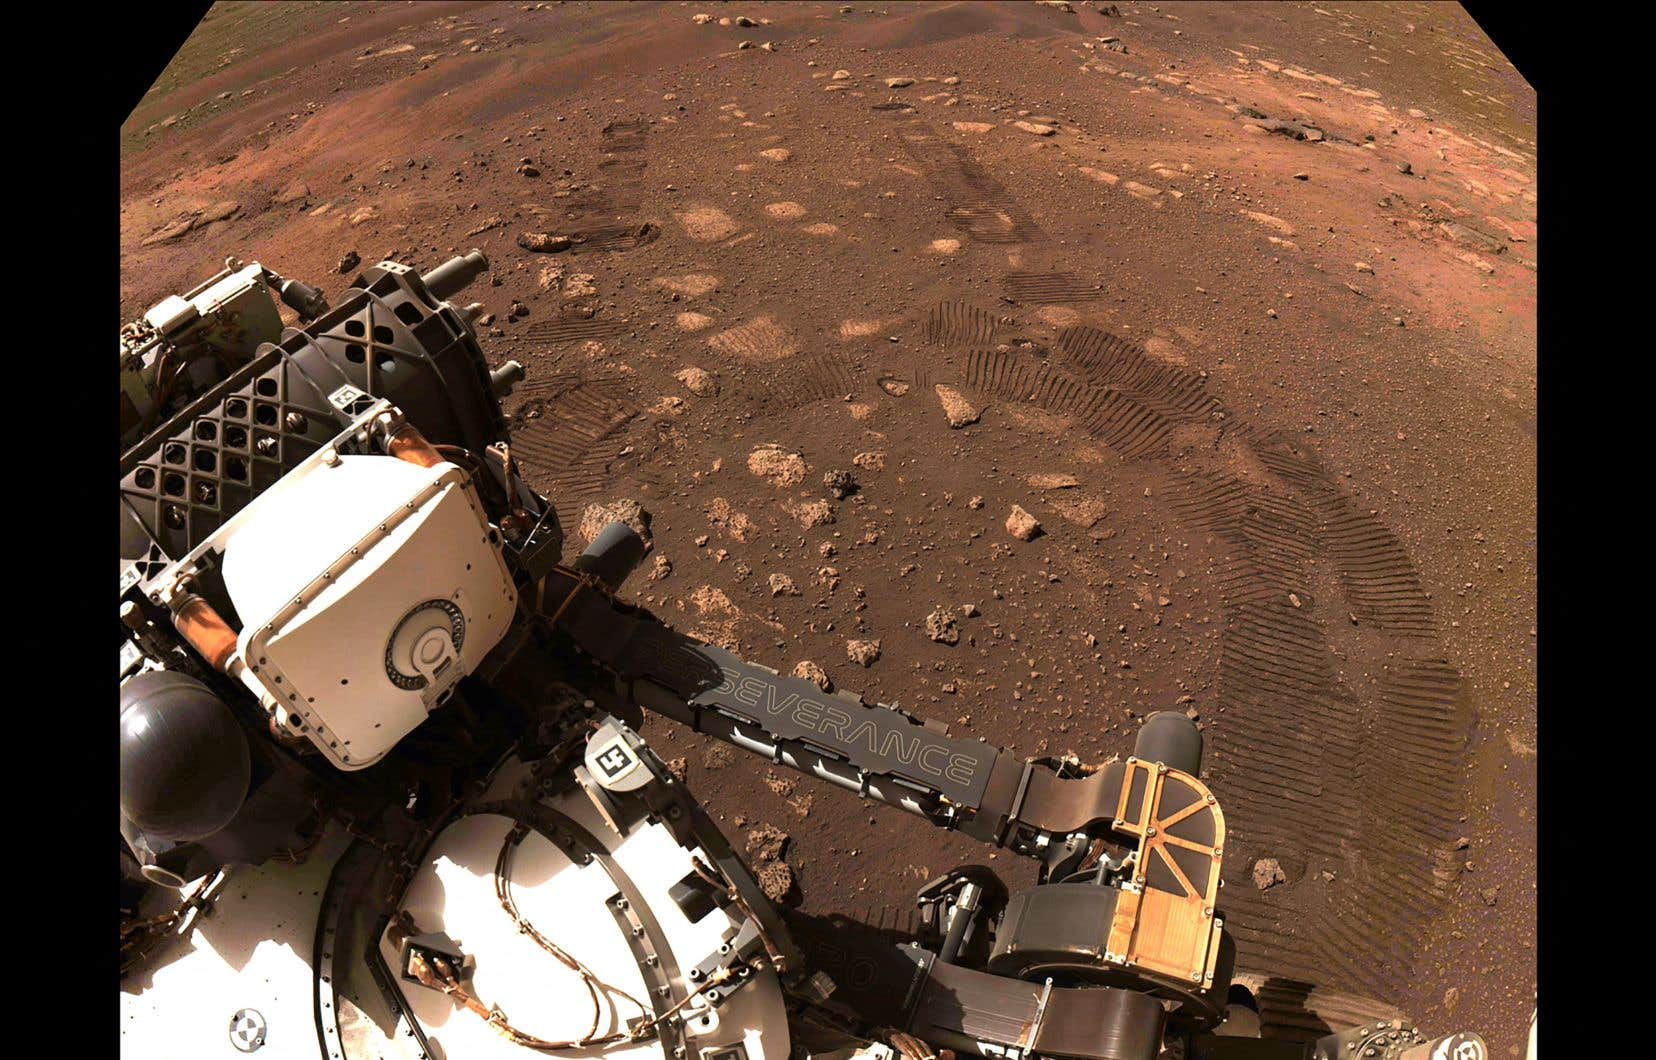 En reculant, Perseverance a pu prendre une photo de ses propres traces de roues sur le sol martien, publiée par la NASA.